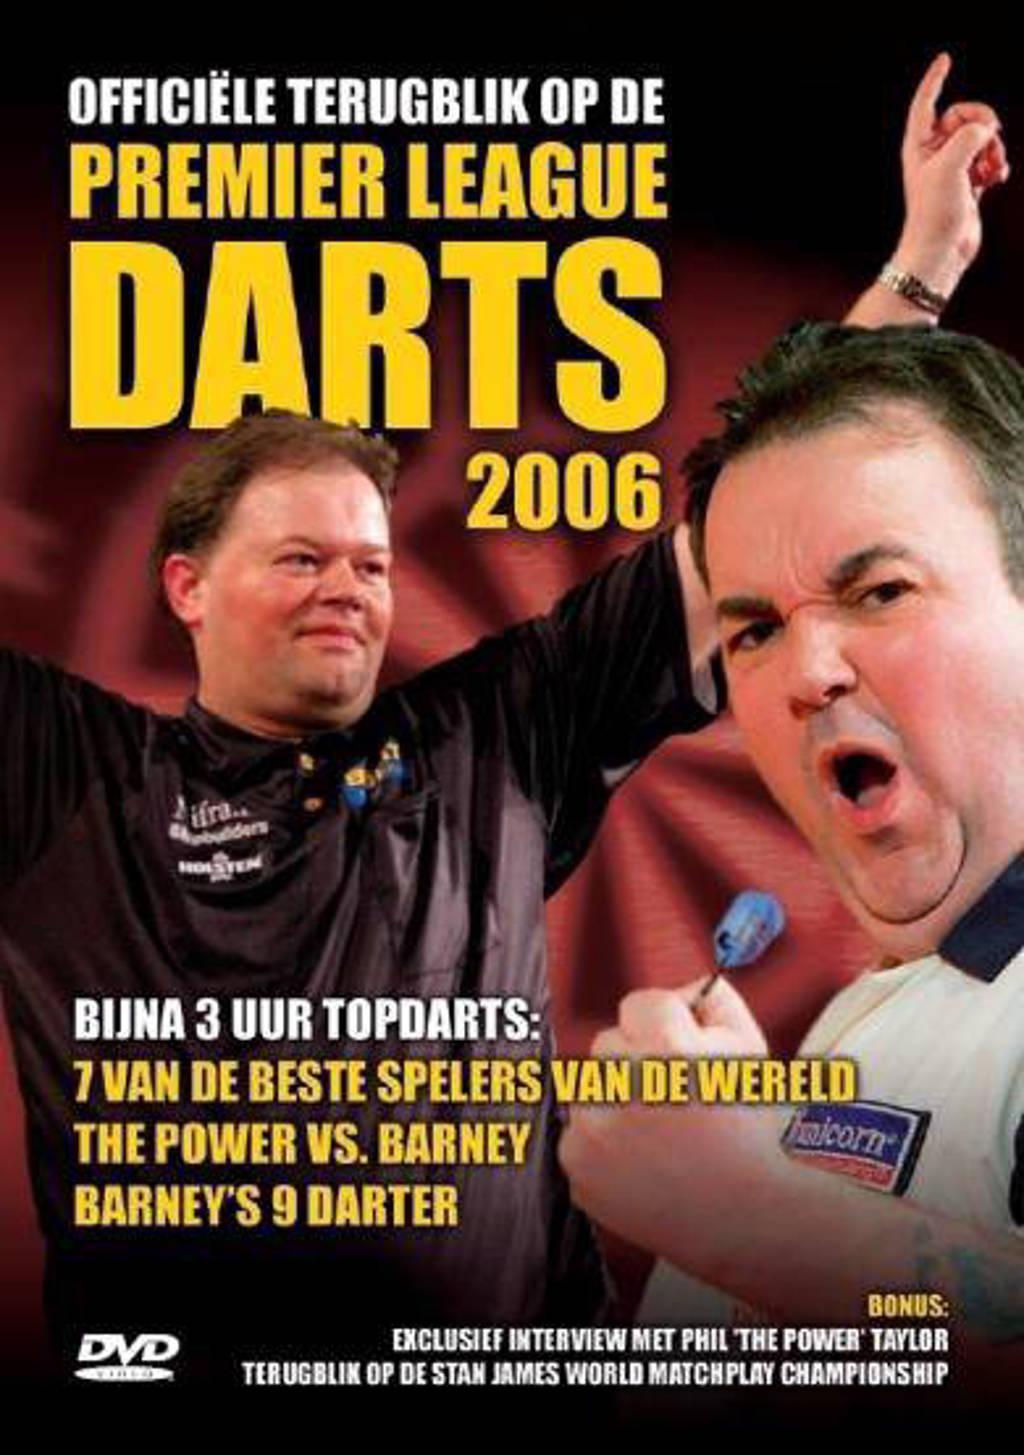 Premier League of darts 2006 (DVD)